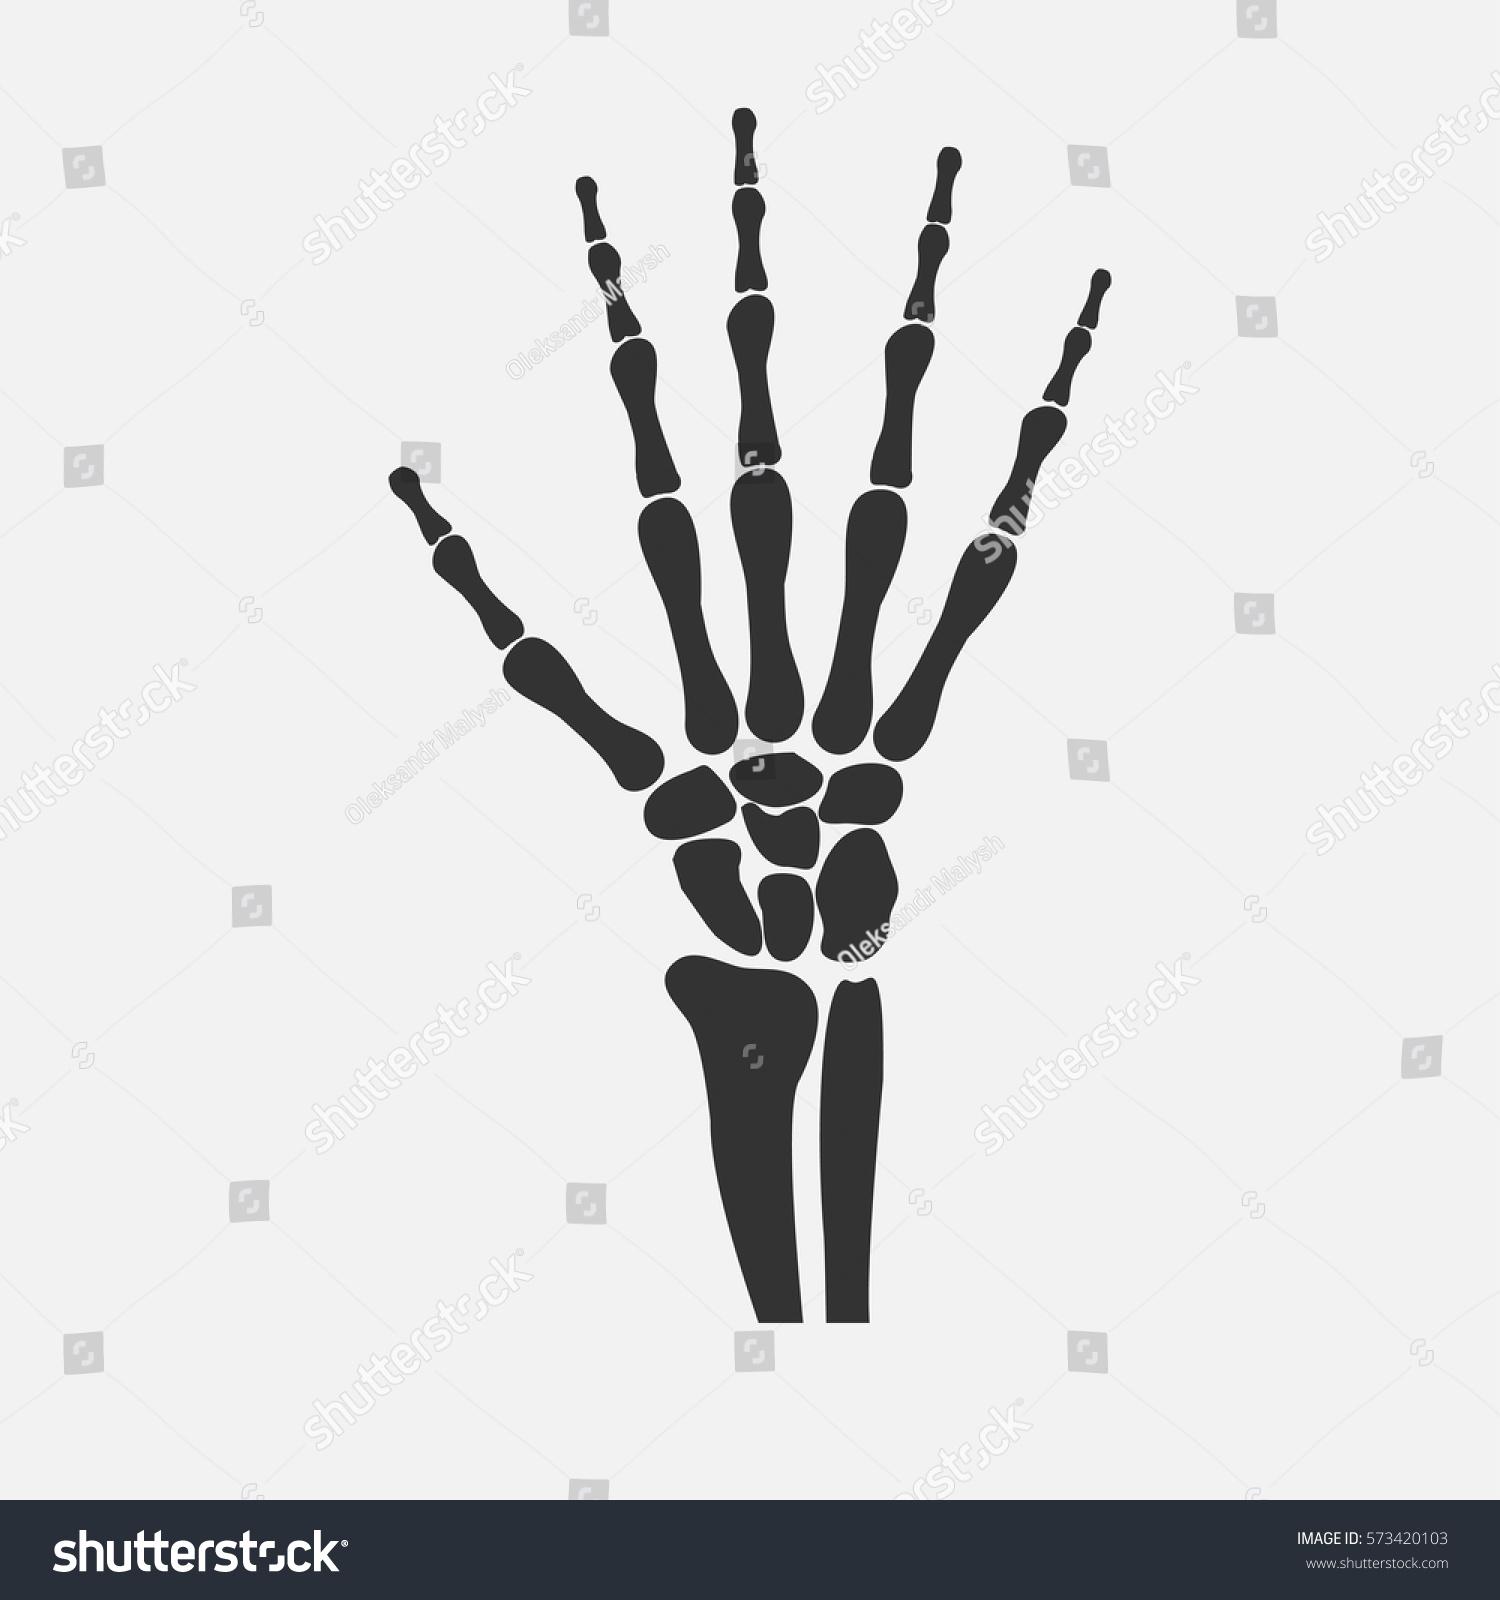 Human Wrist Hands Bones Vector Stock Vector 573420103 - Shutterstock